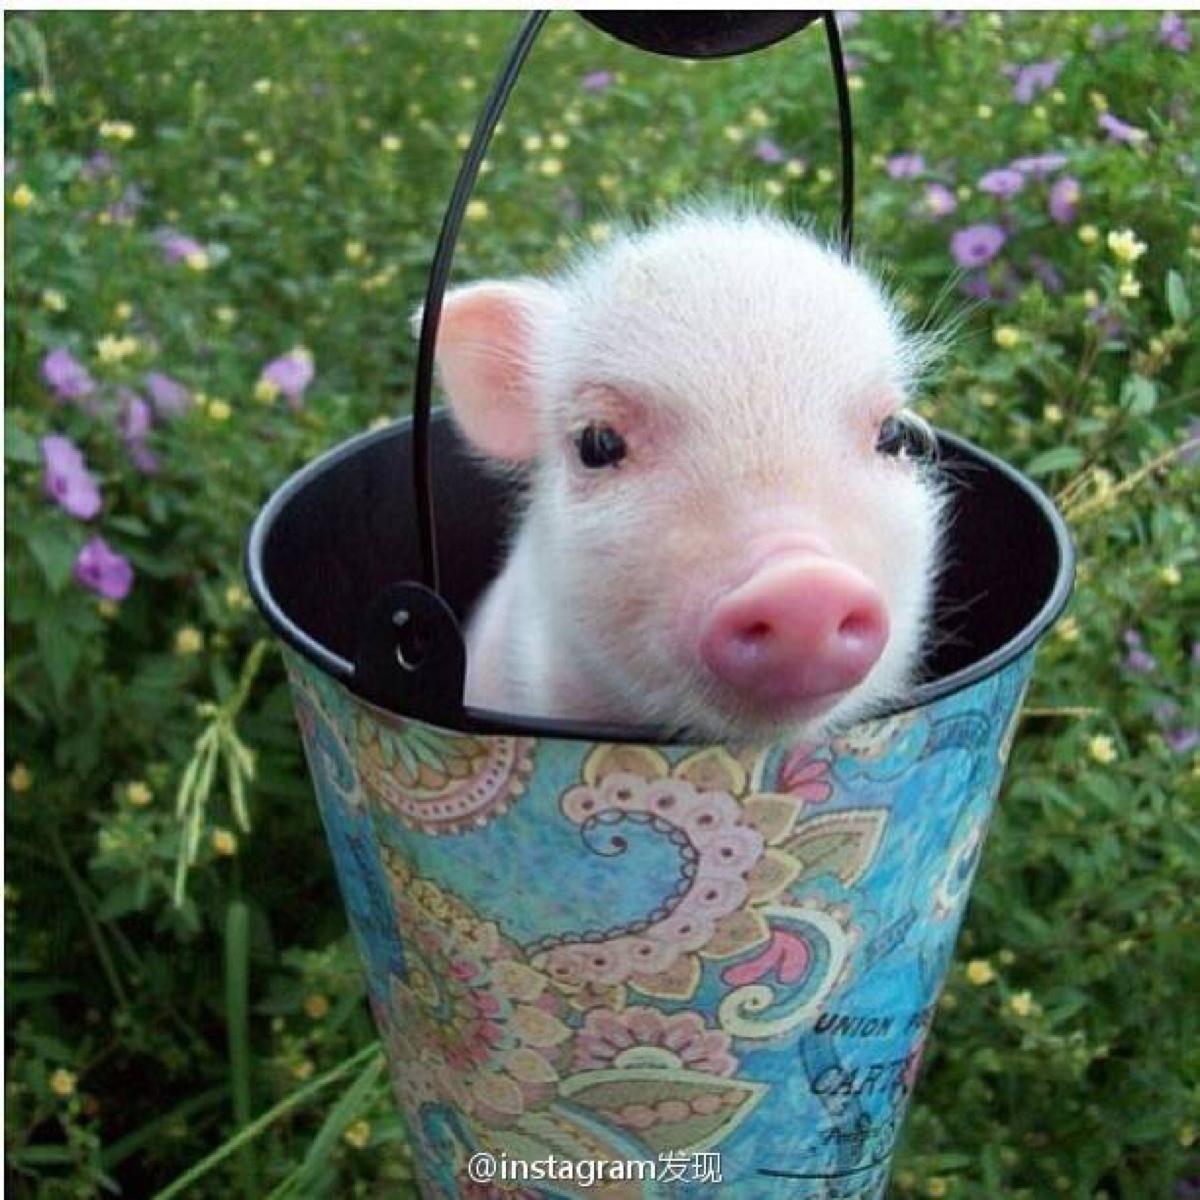 2018年12月15日(10至14公斤)仔猪价格行情走势